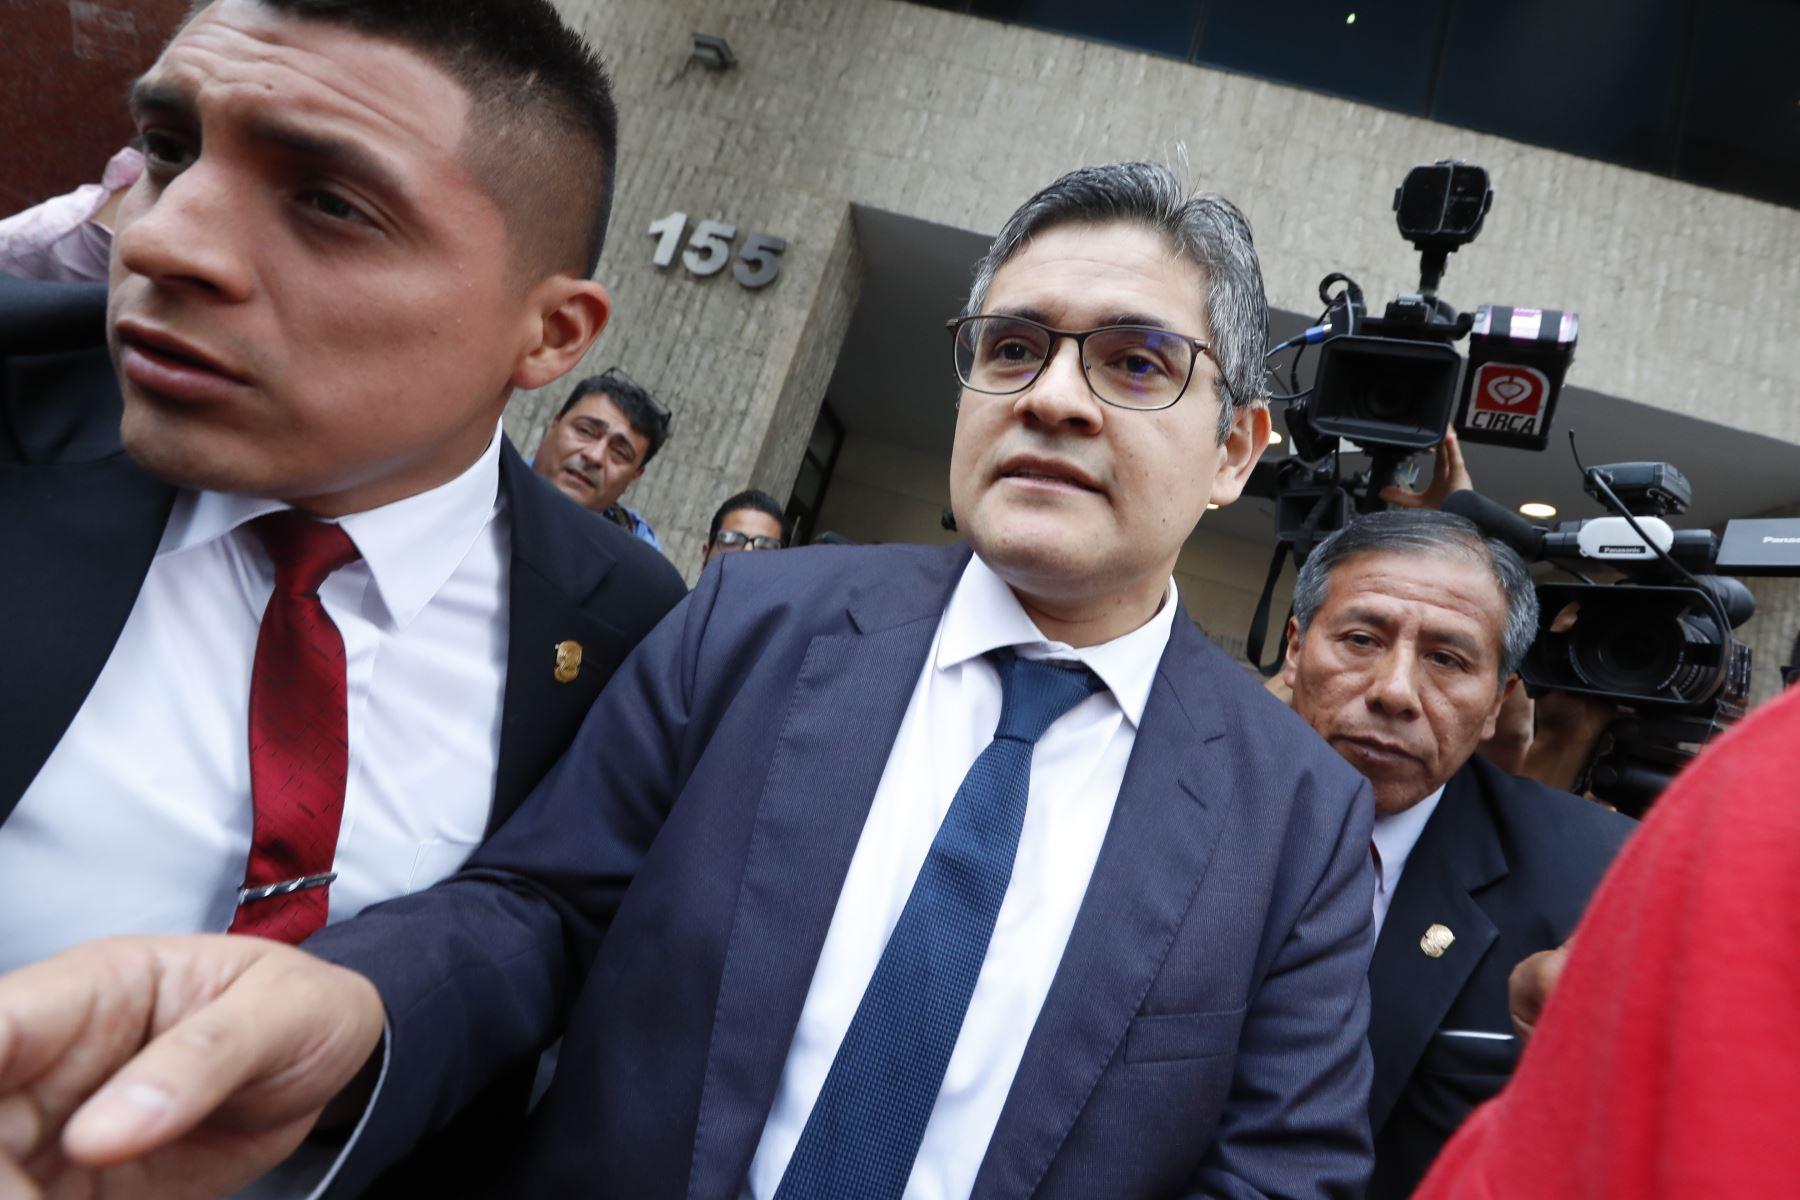 El fiscal José Domingo Pérez, del Equipo Especial Lava Jato, lleva a cabo una diligencia de allanamiento en las oficinas de la Confederación Nacional de Instituciones Empresariales Privadas (Confiep) en el distrito de San Isidro. Foto: ANDINA/Carlos Lezama